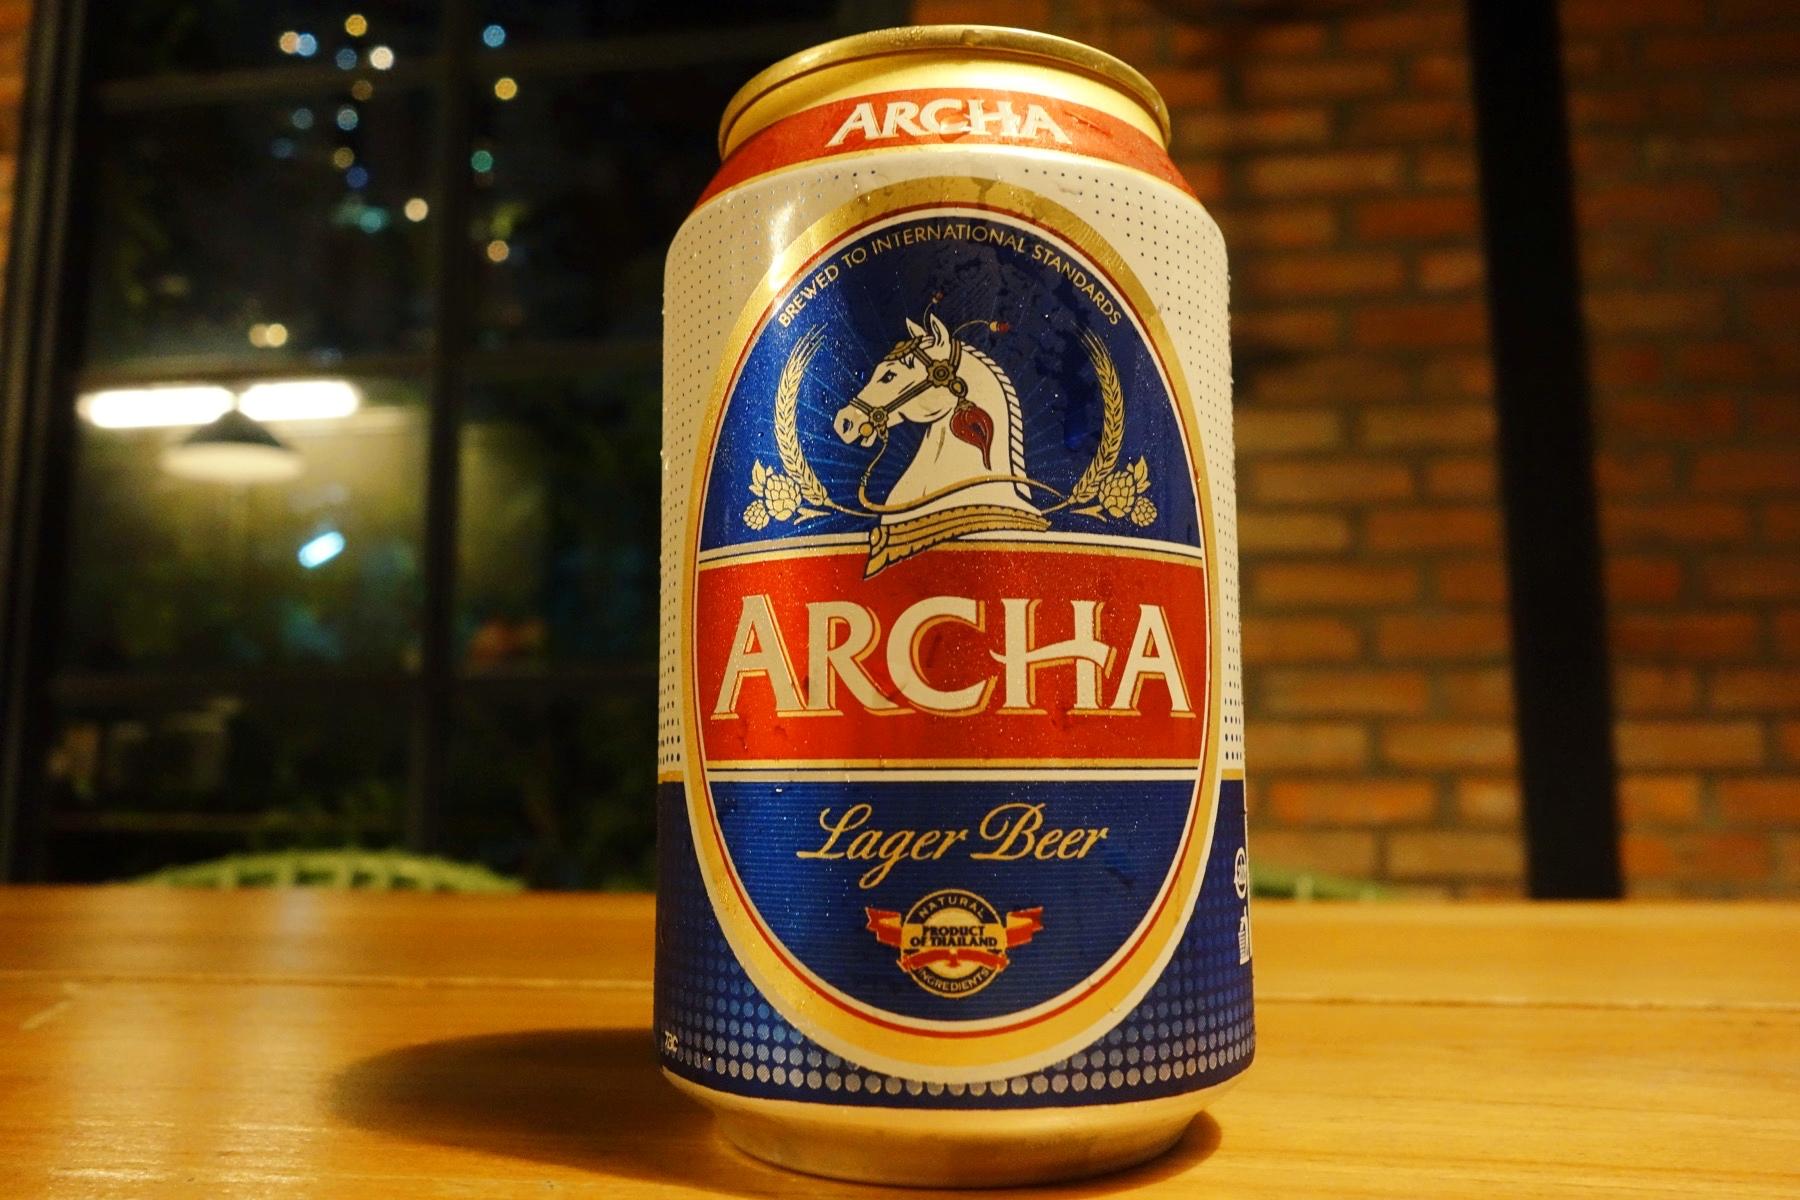 ARCHA(アーチャー)